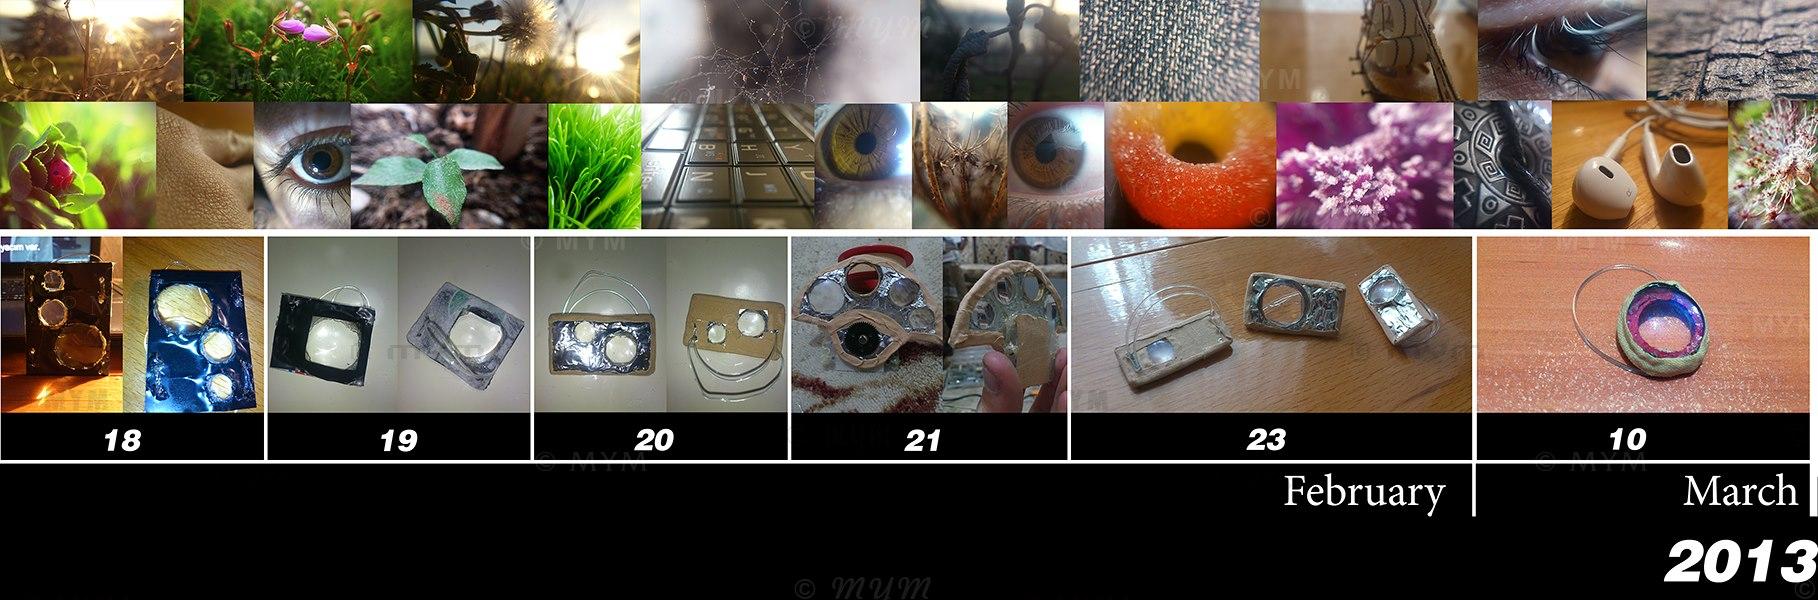 cep-telefonu-lensleri